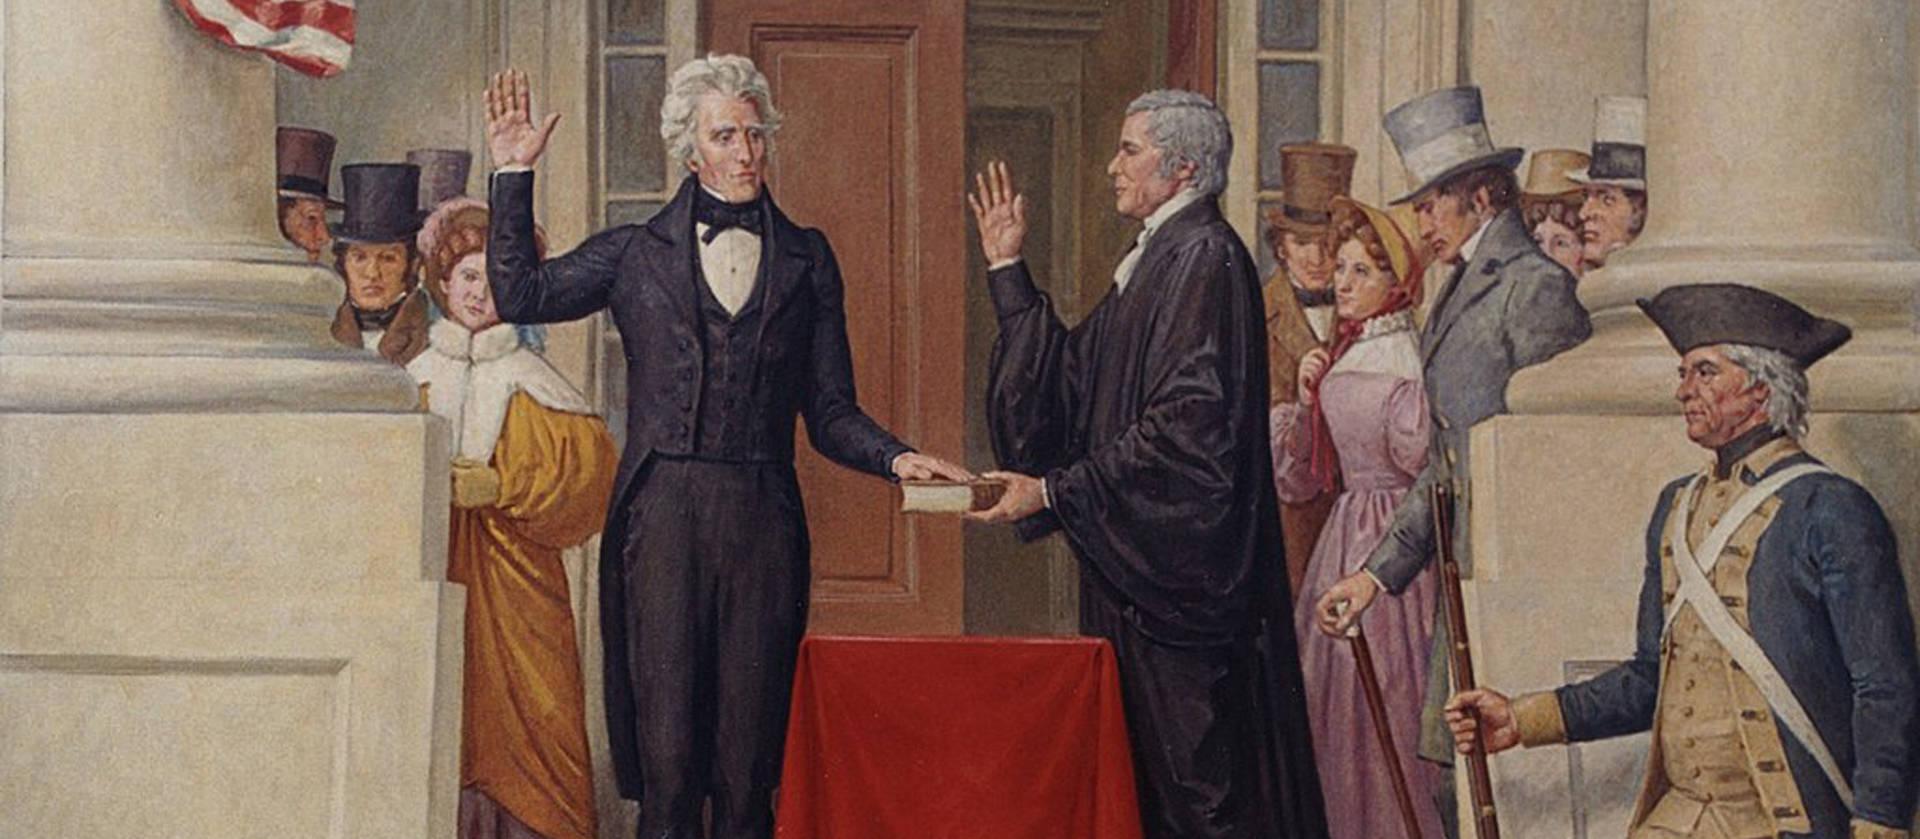 La irrupción del Partido Demócrata en las primeras elecciones modernas (1828)